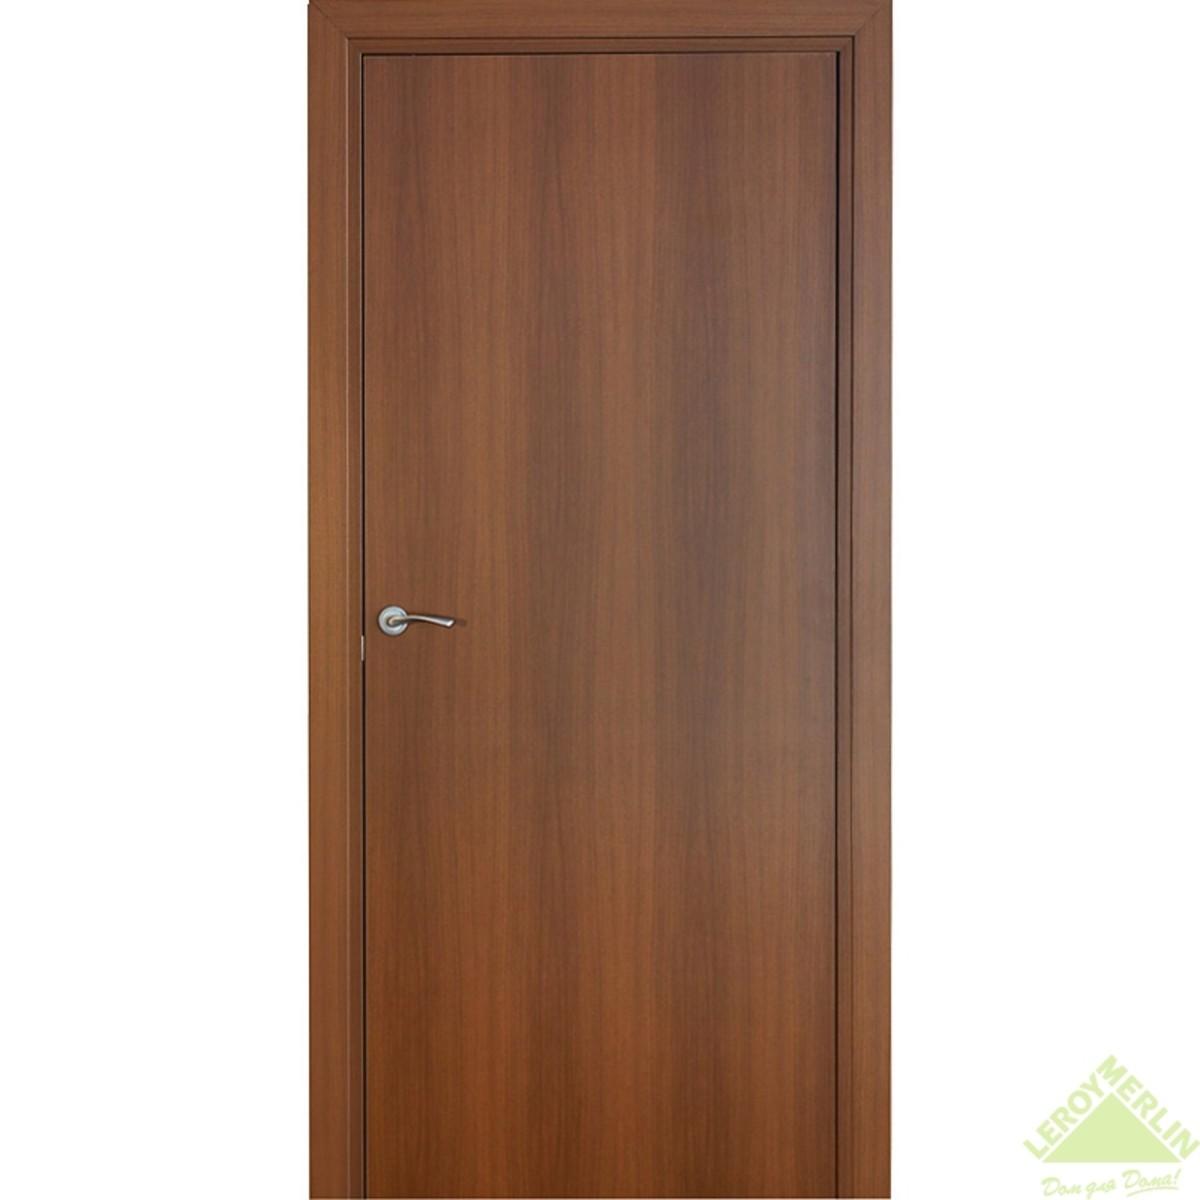 Дверь межкомнатная глухая Фортунато 60x200 см ламинация цвет орех